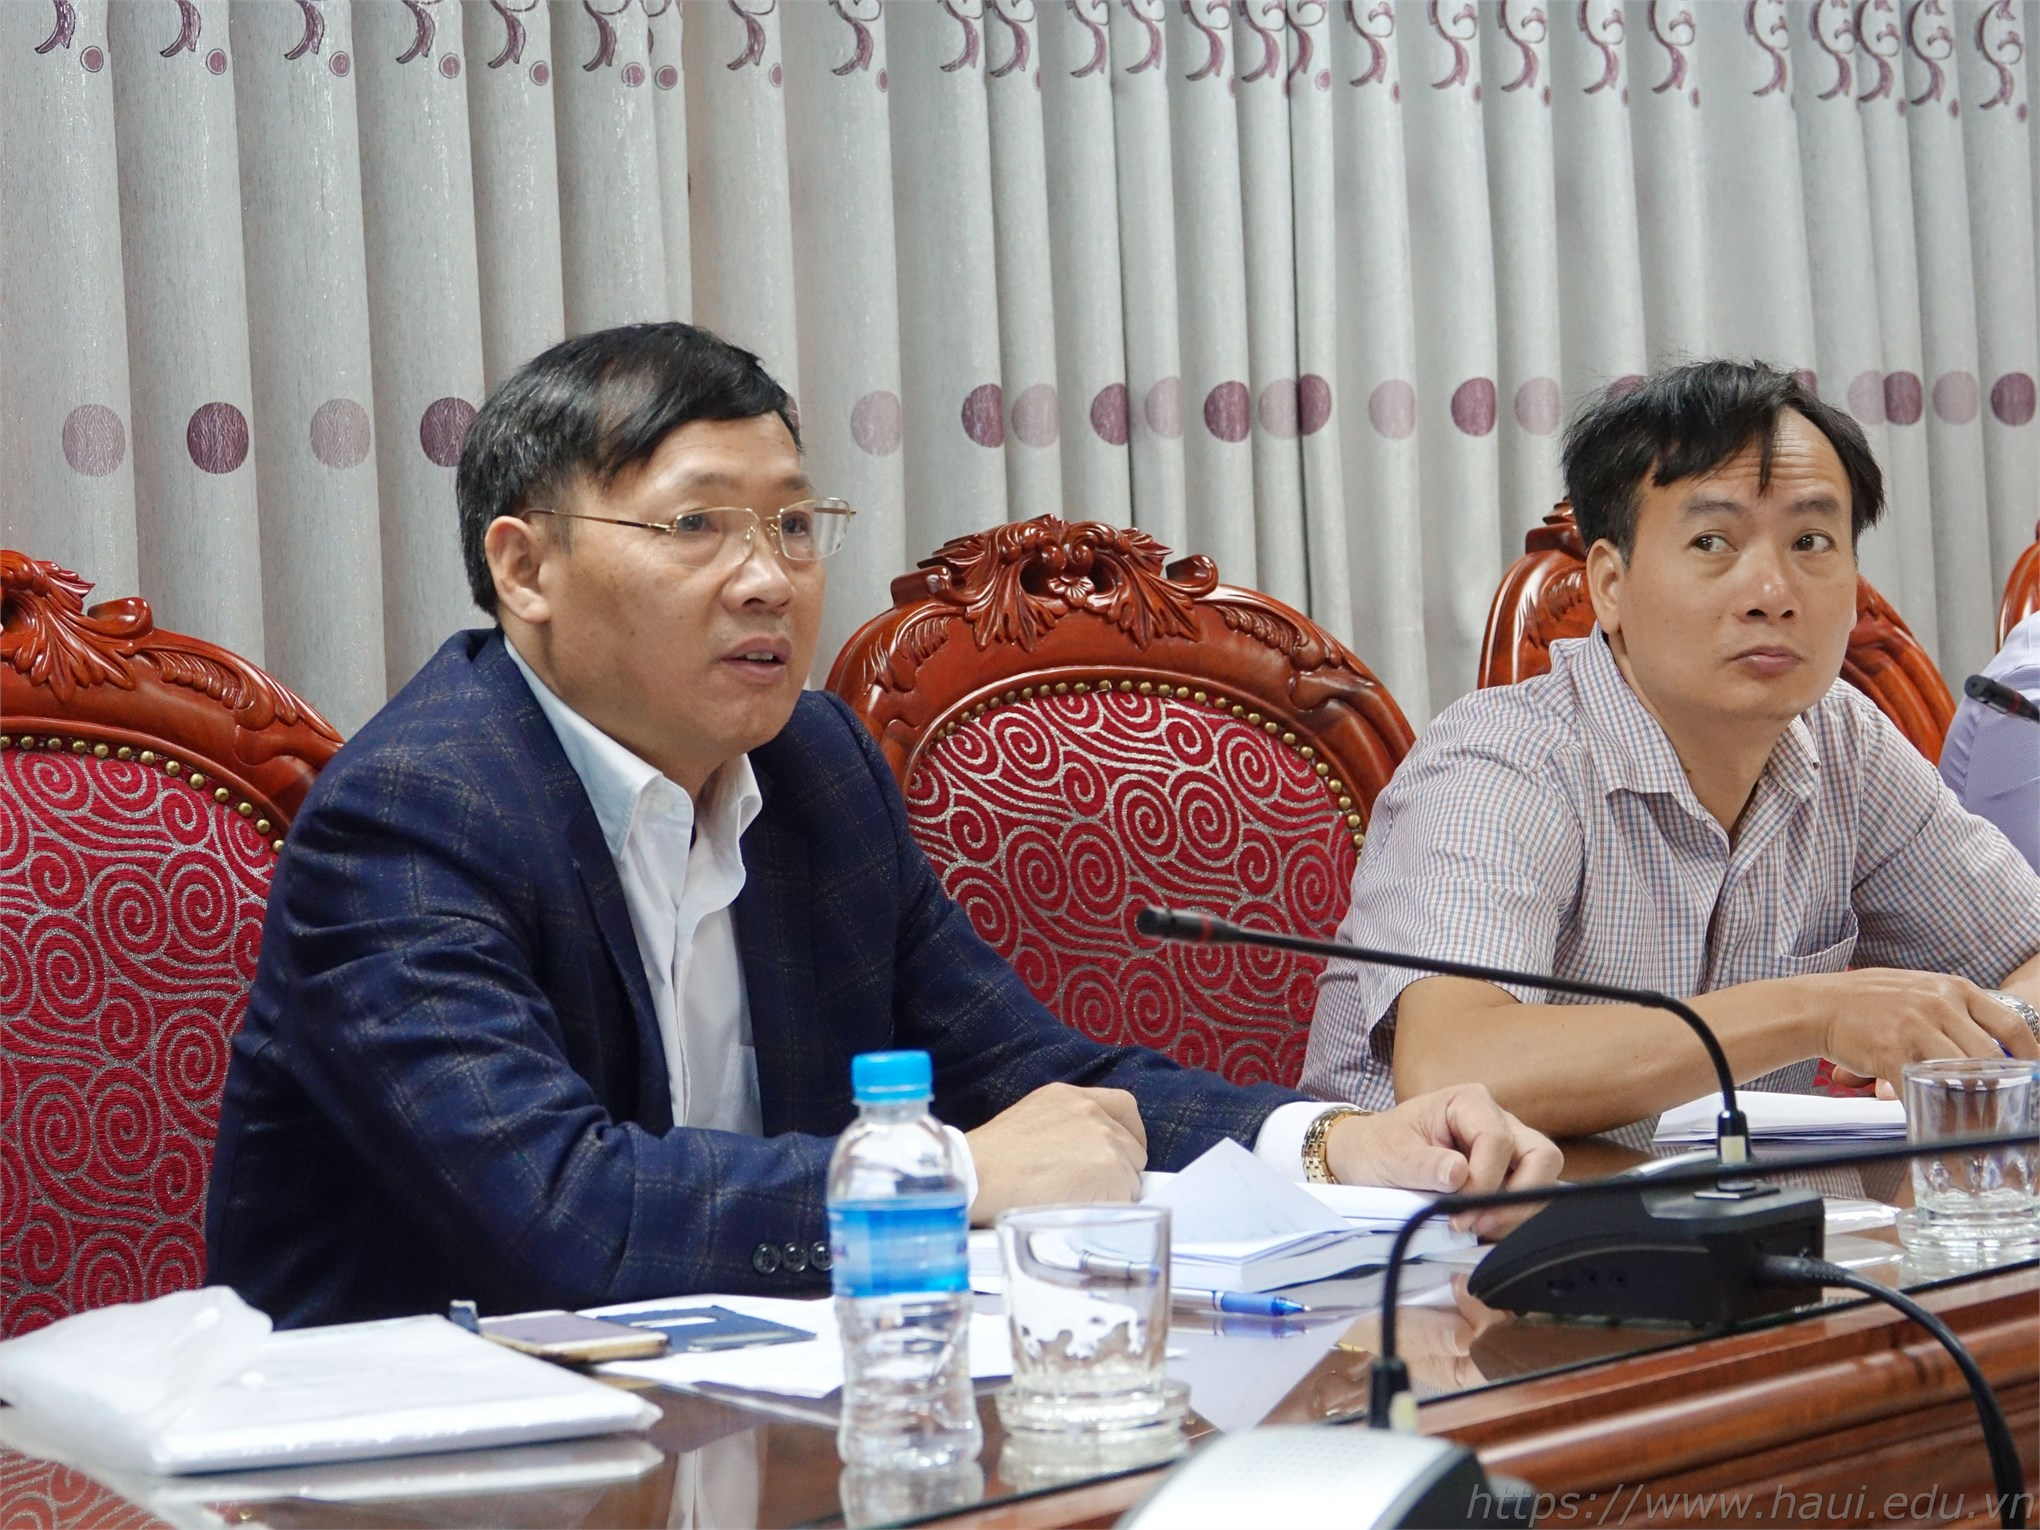 PGS.TS. Phạm Văn Bổng – Phó Hiệu trưởng Nhà trường – Chủ tịch Hội đồng nghiệm thu